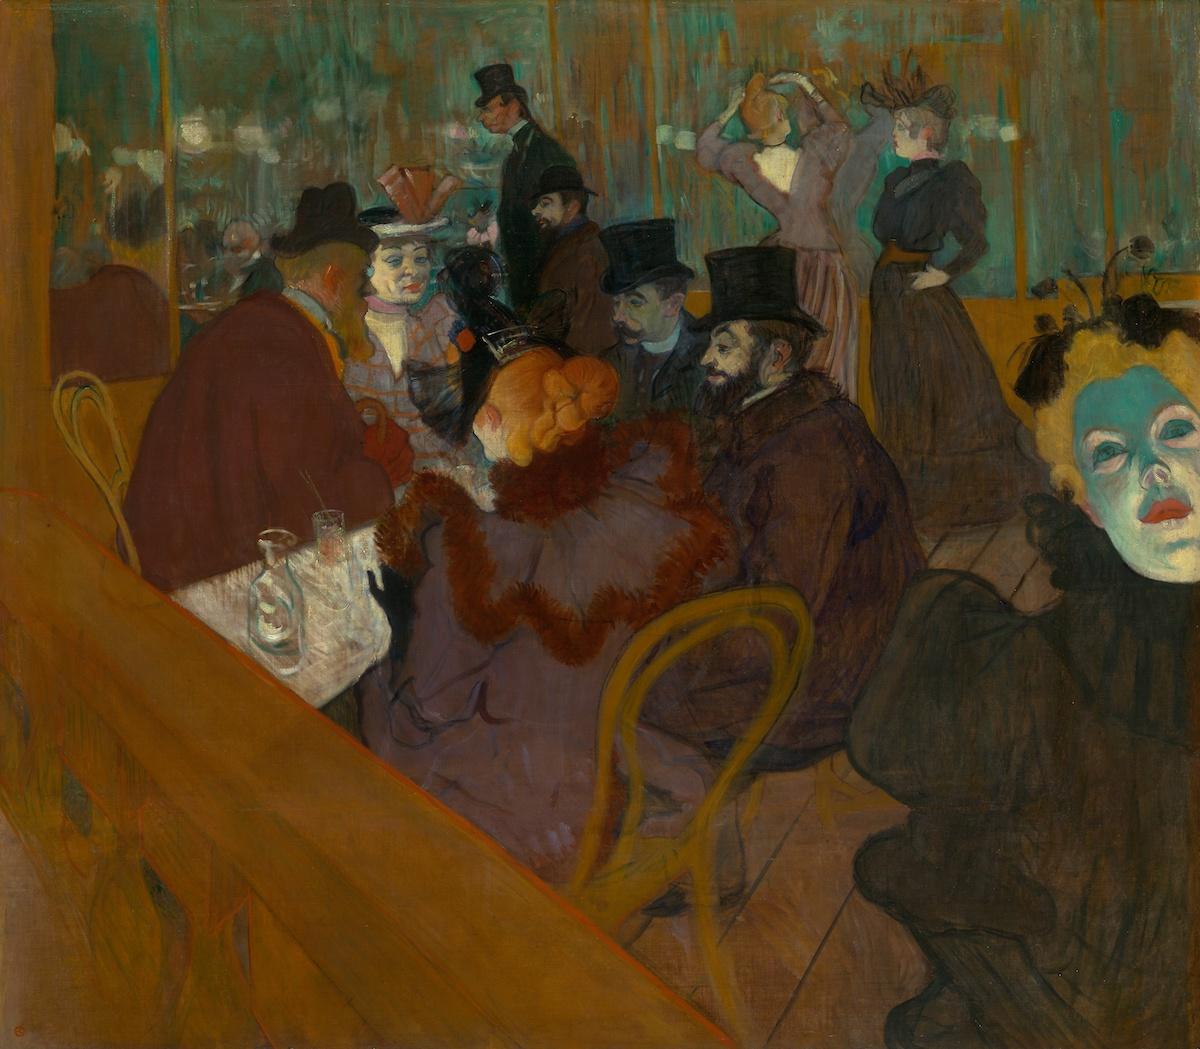 Henri de Toulouse-Lautrec, 'At the Moulin